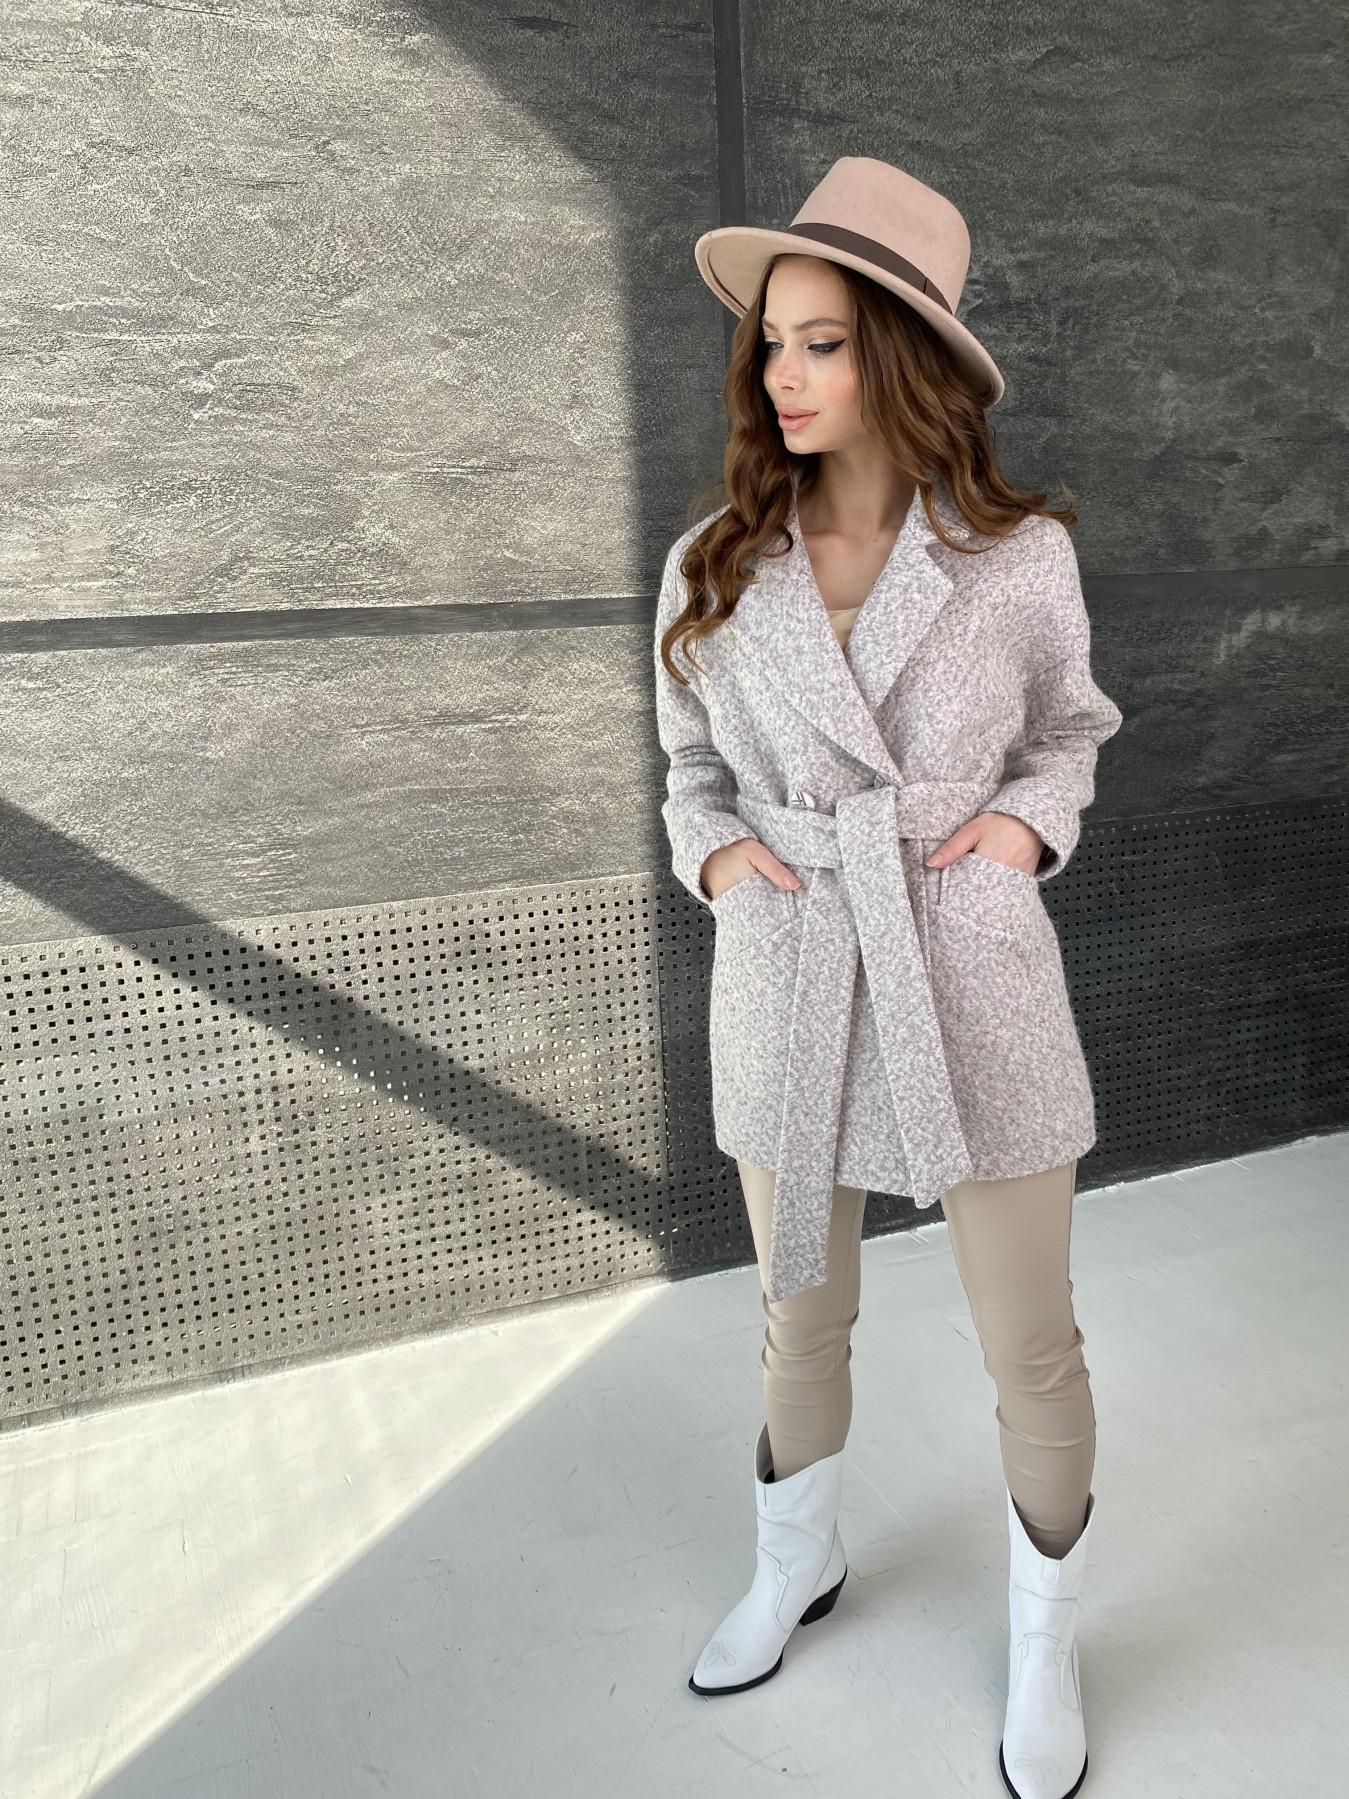 Бонд пальто из шерсти букле  10770 АРТ. 47196 Цвет: Серо-бежевый - фото 2, интернет магазин tm-modus.ru